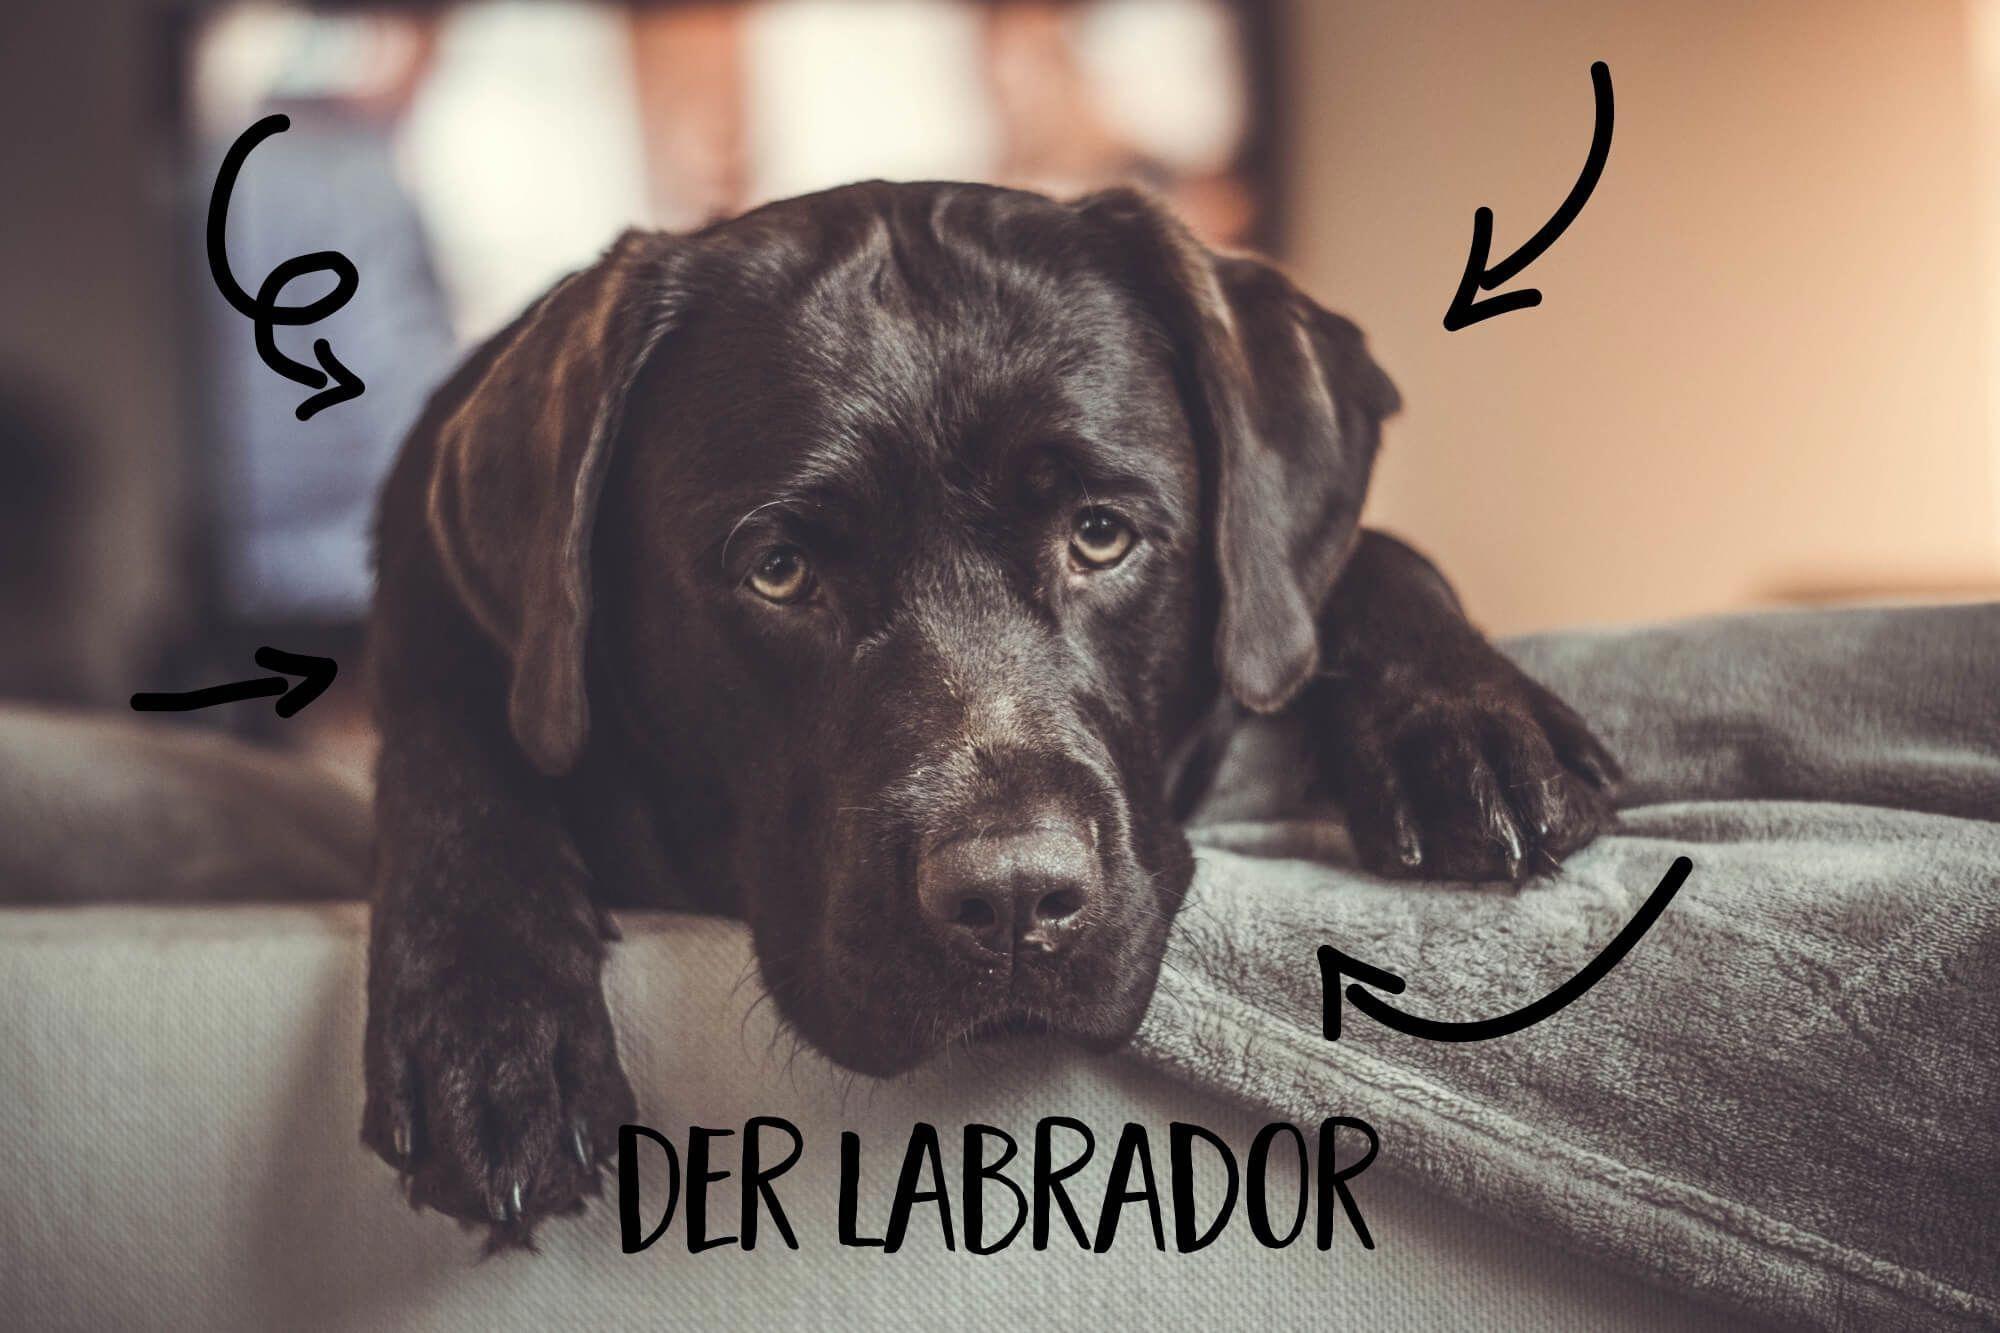 Immer Diese Vorurteile Der Labrador Aber Wir Alle Kennen Sie